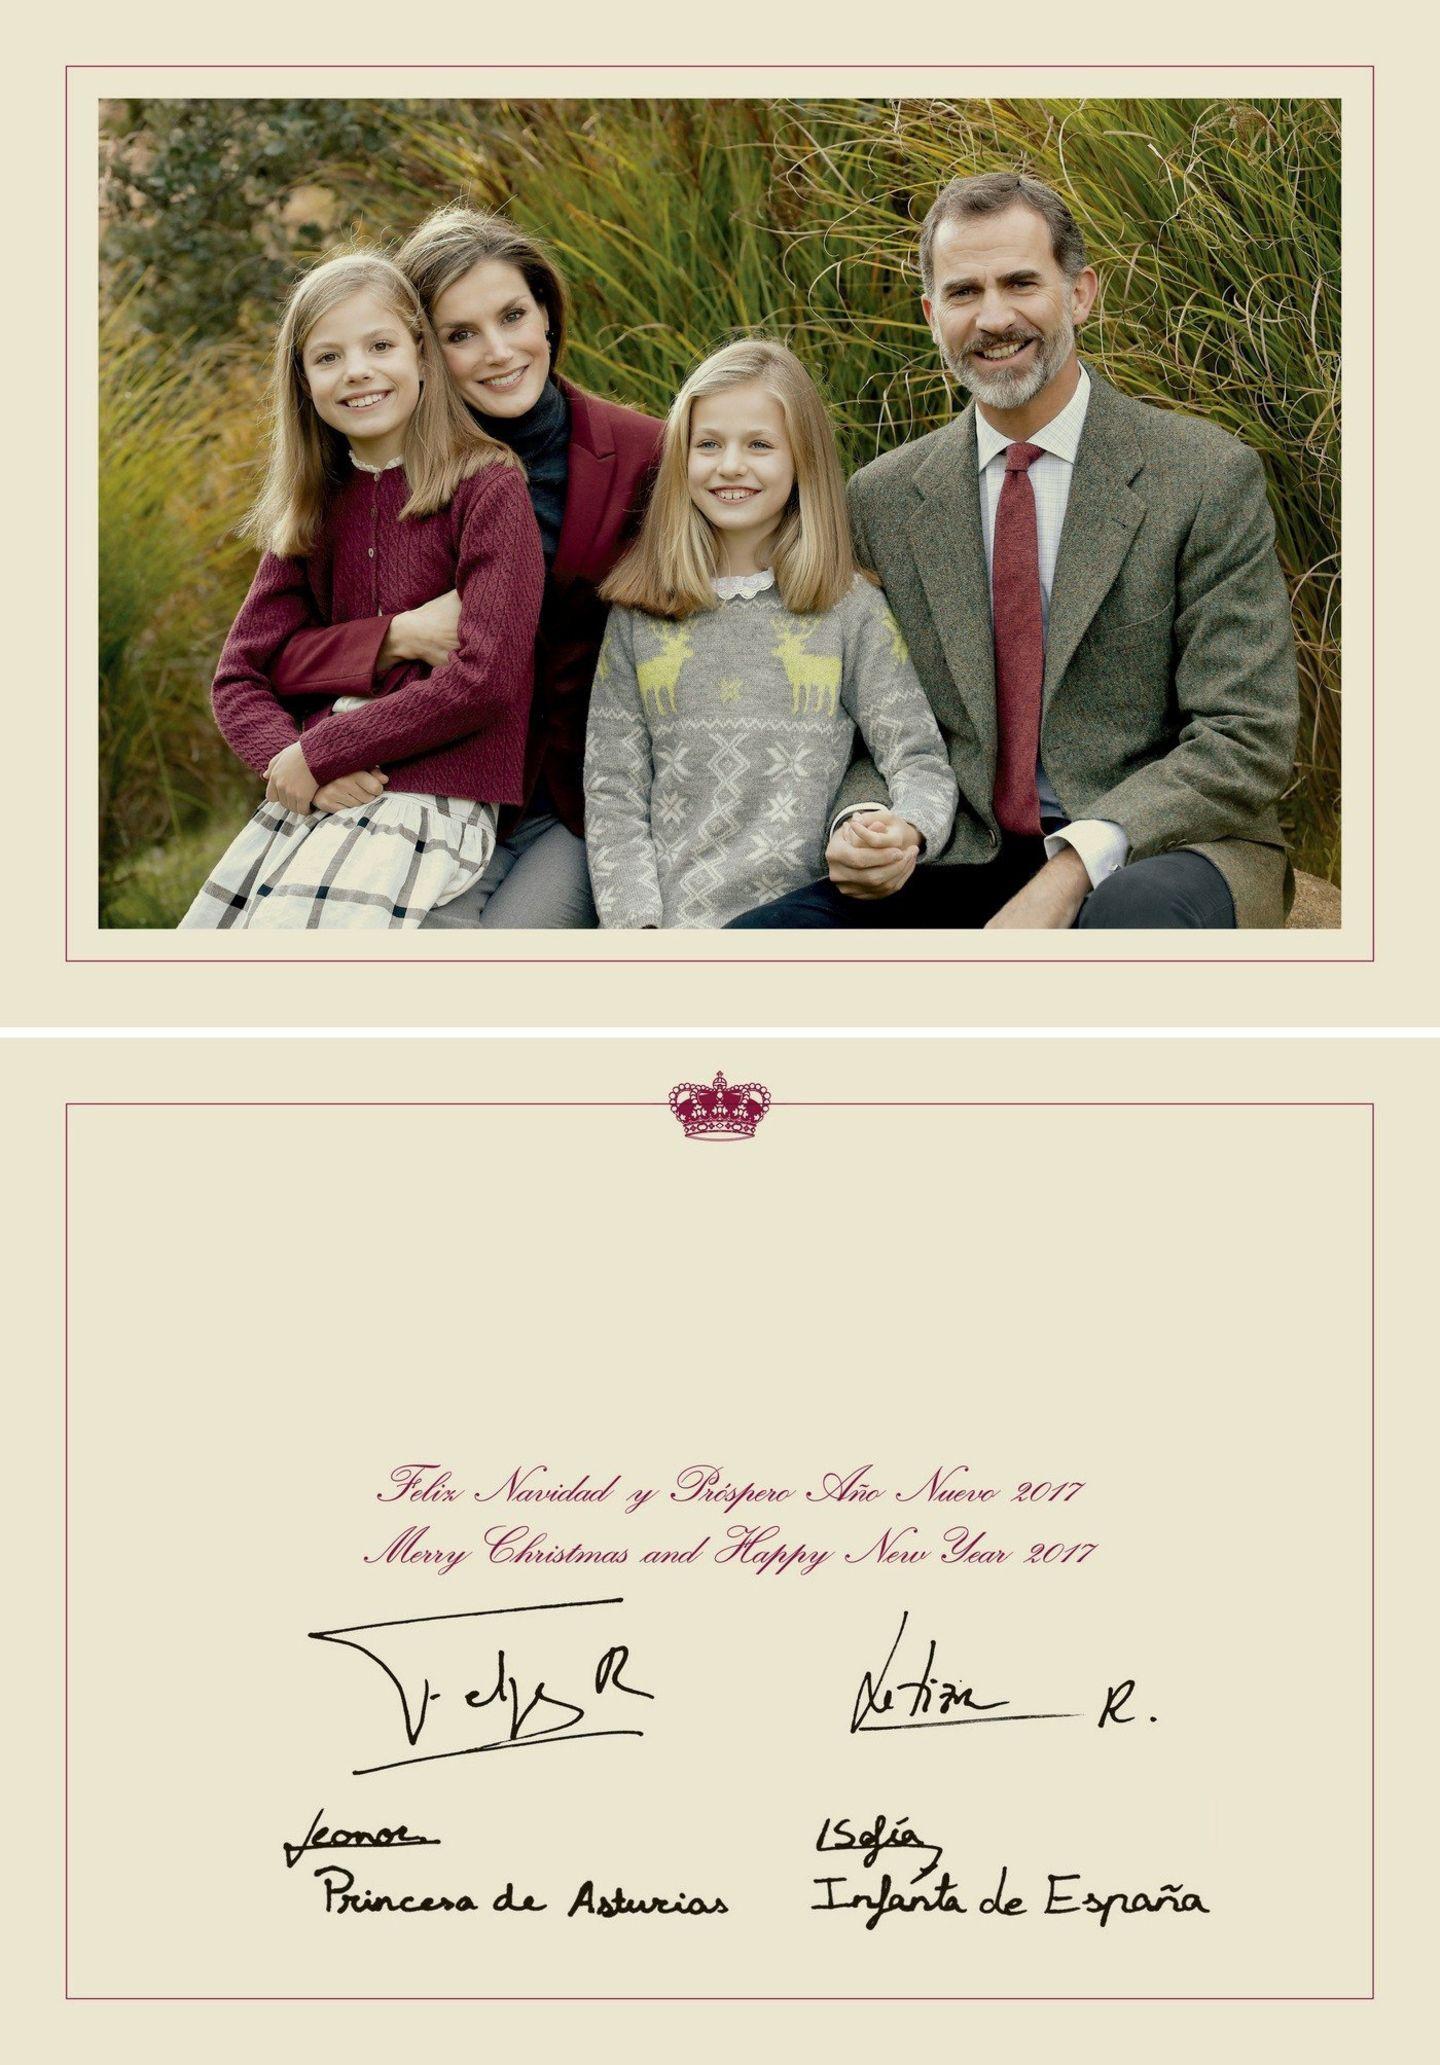 Prinzessin Sofia, Königin Letizia, Prinzessin Leonor und König Felipe grüßen traditionell zu Weihnachten mit einem Familienfoto auf einer unterschriebenen Karte.